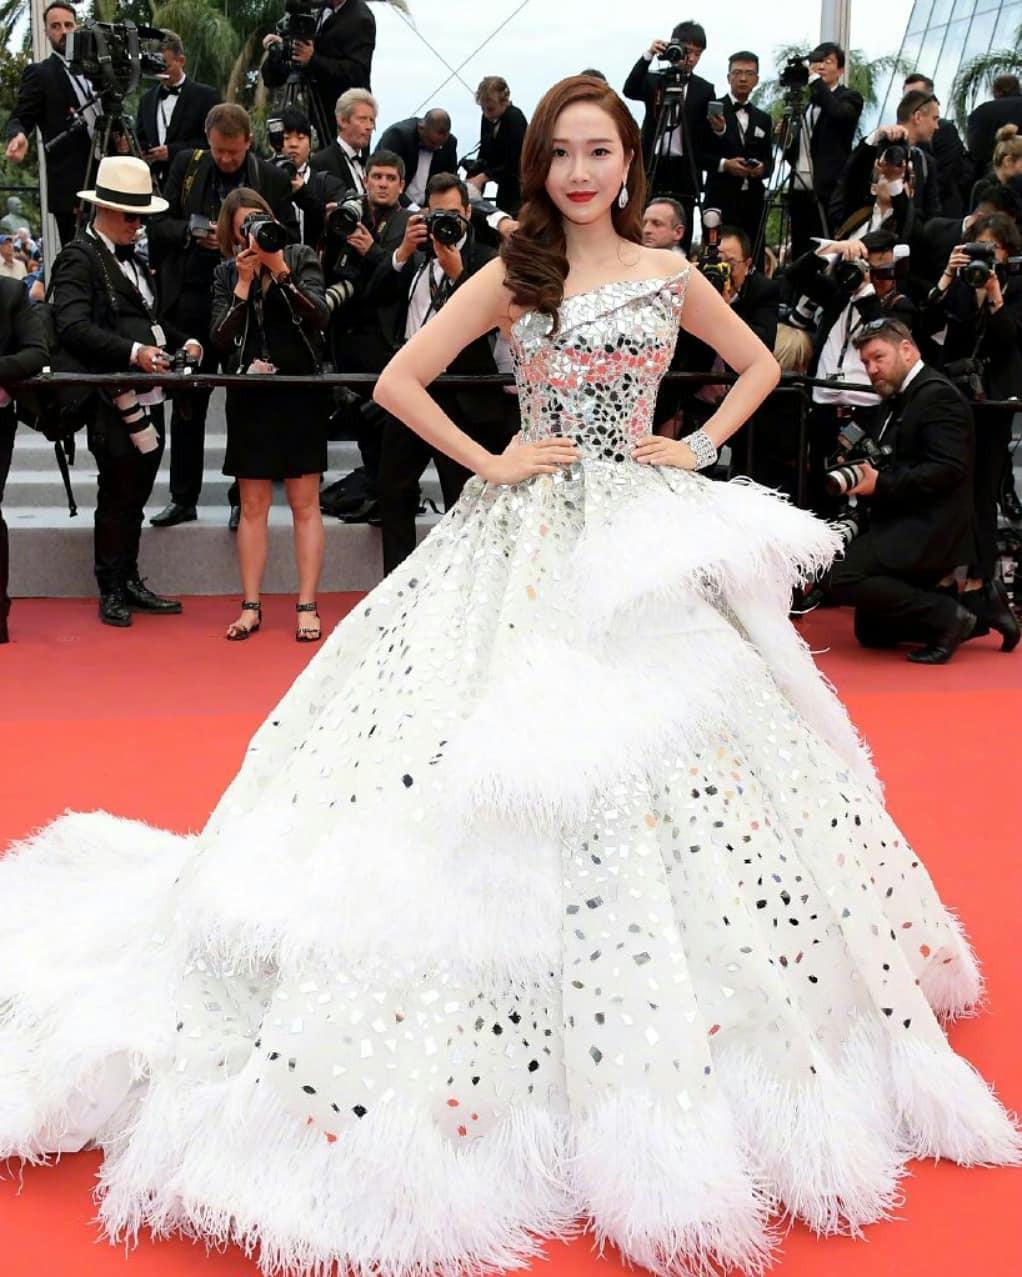 Ham váy vóc tùng xòe, Jessica suýt ngã và phải nhờ 2 người nâng váy tại thảm đỏ Cannes 2019-4